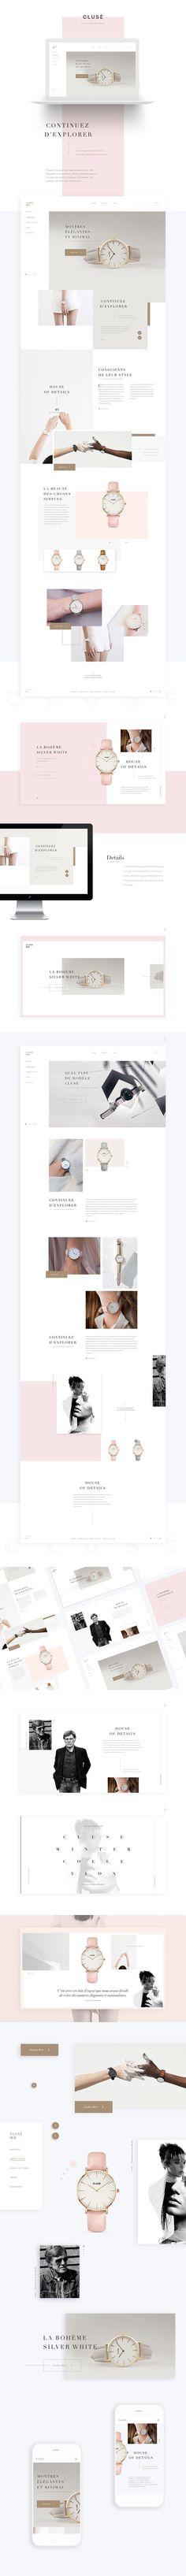 Clusé on Web Design Served